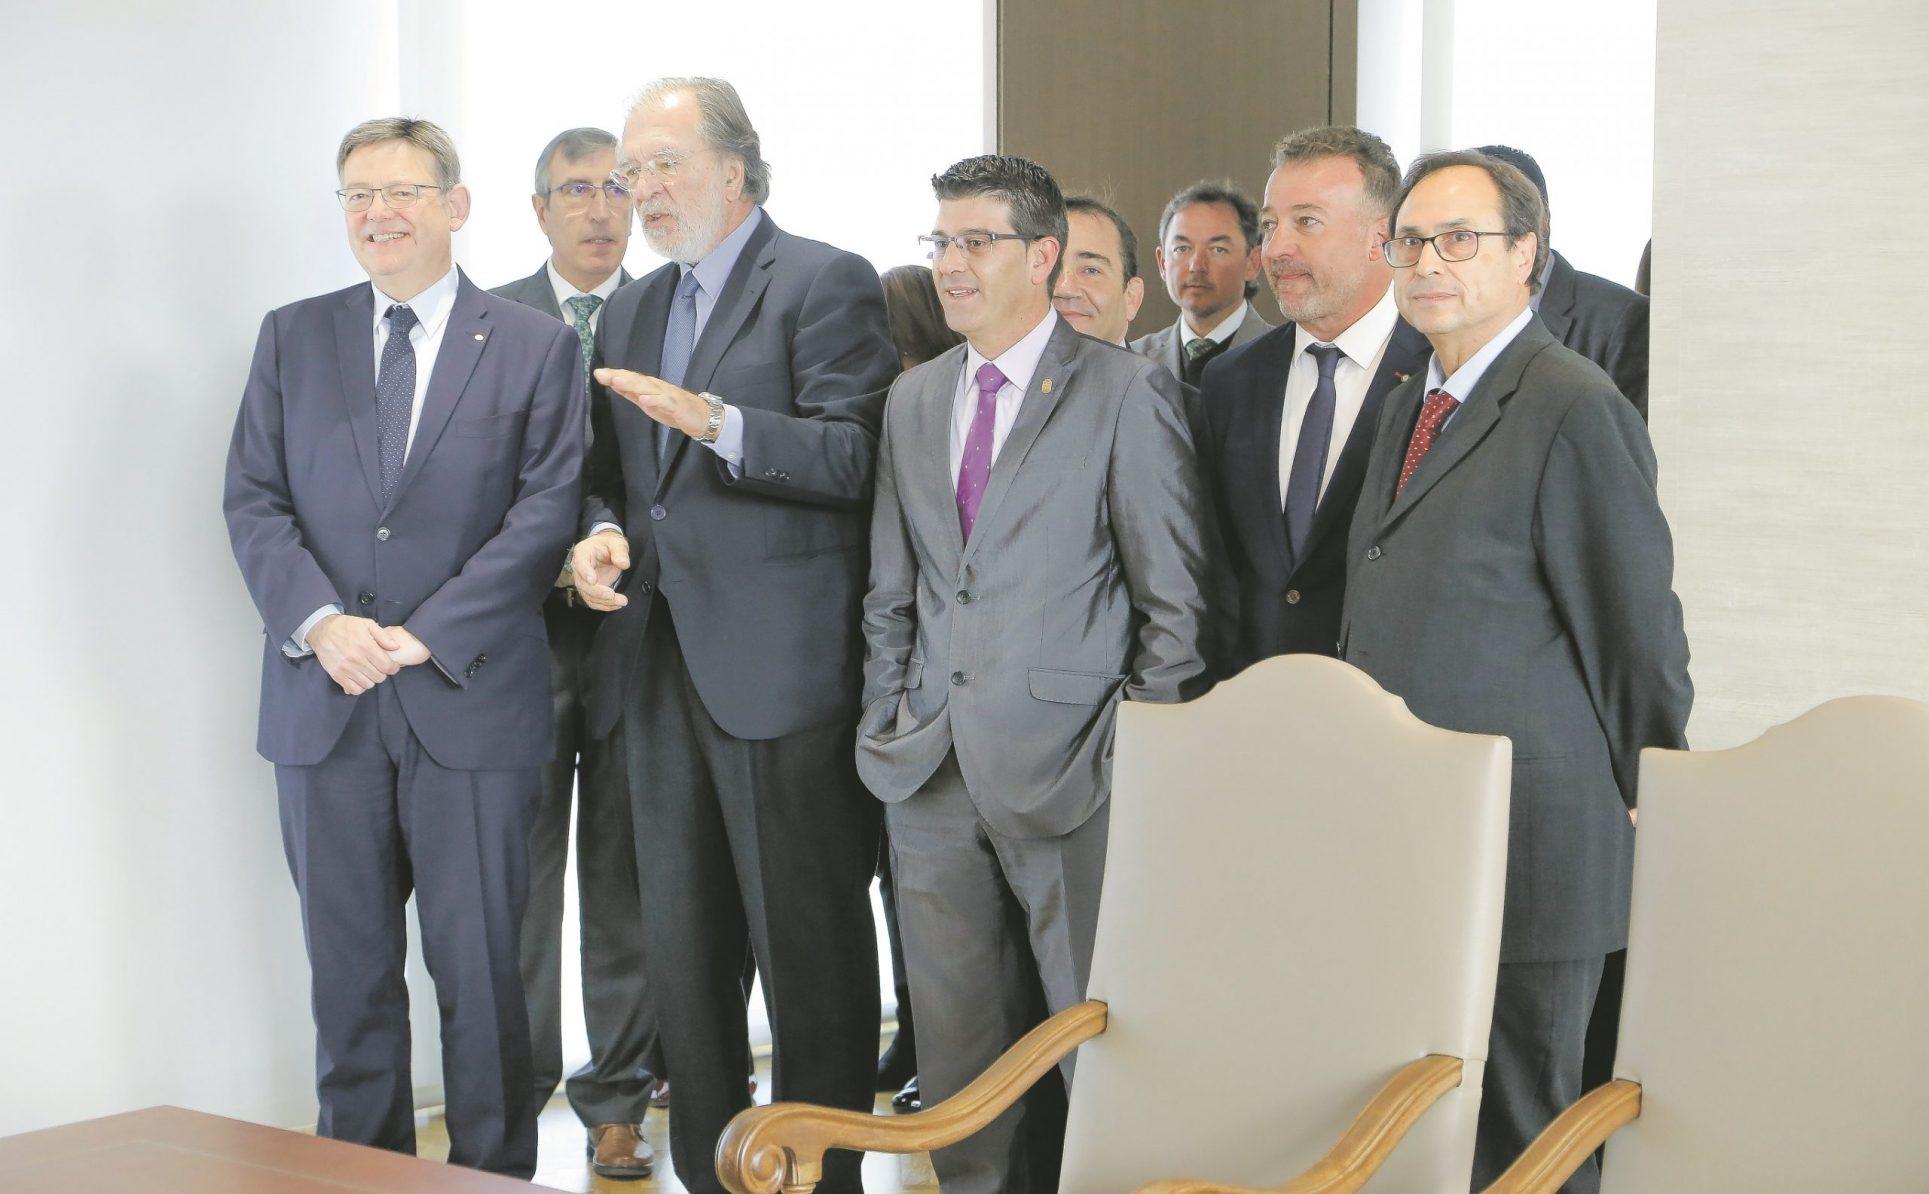 Carbonell deixarà la presidència a Pla en els pròxims mesos El Periòdic d'Ontinyent